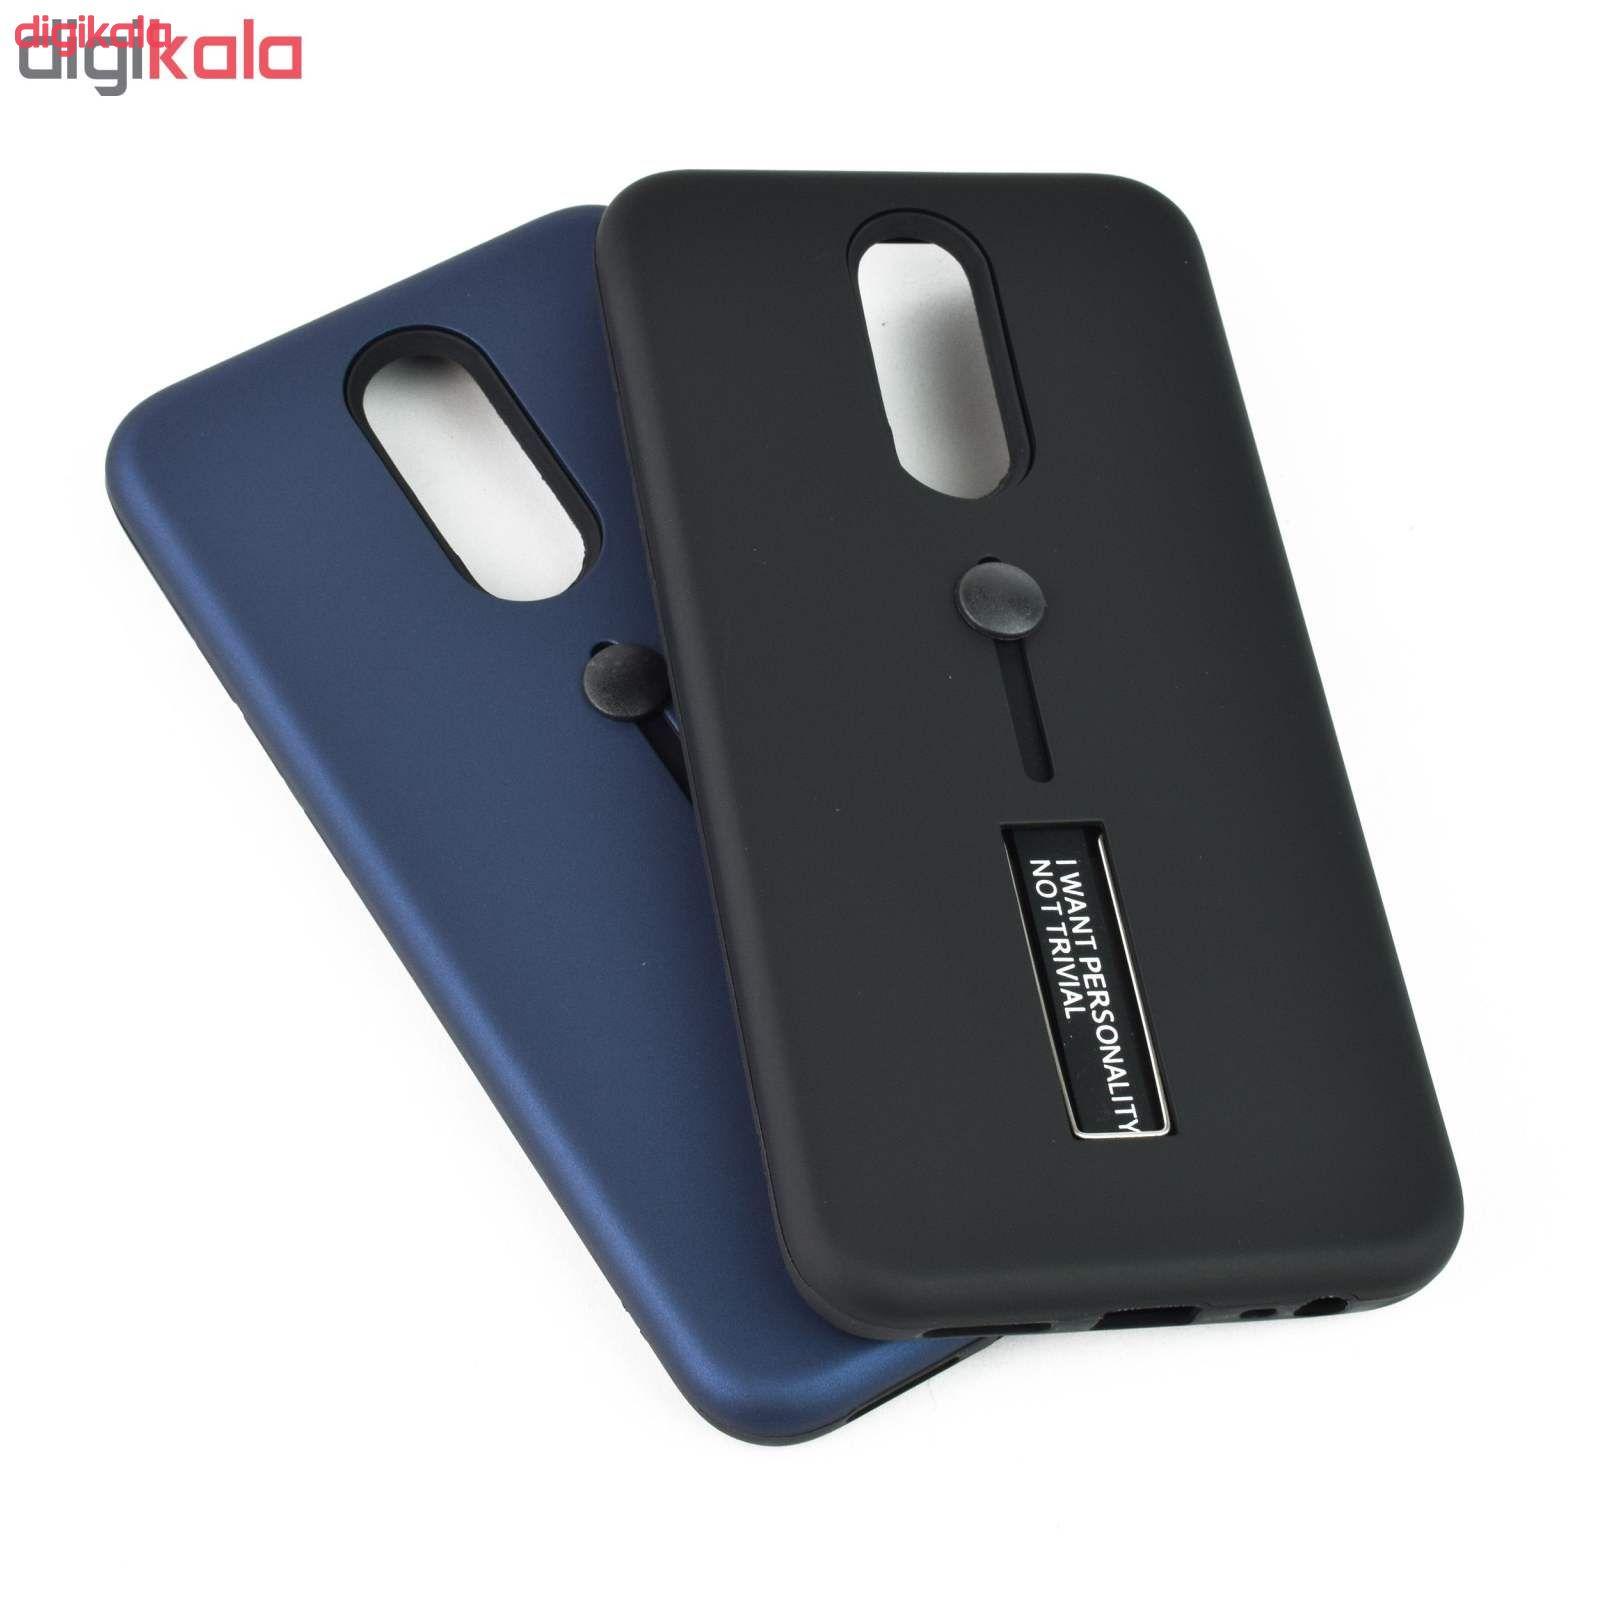 کاور مدل F20 مناسب برای گوشی موبایل شیائومی Redmi 8 main 1 1